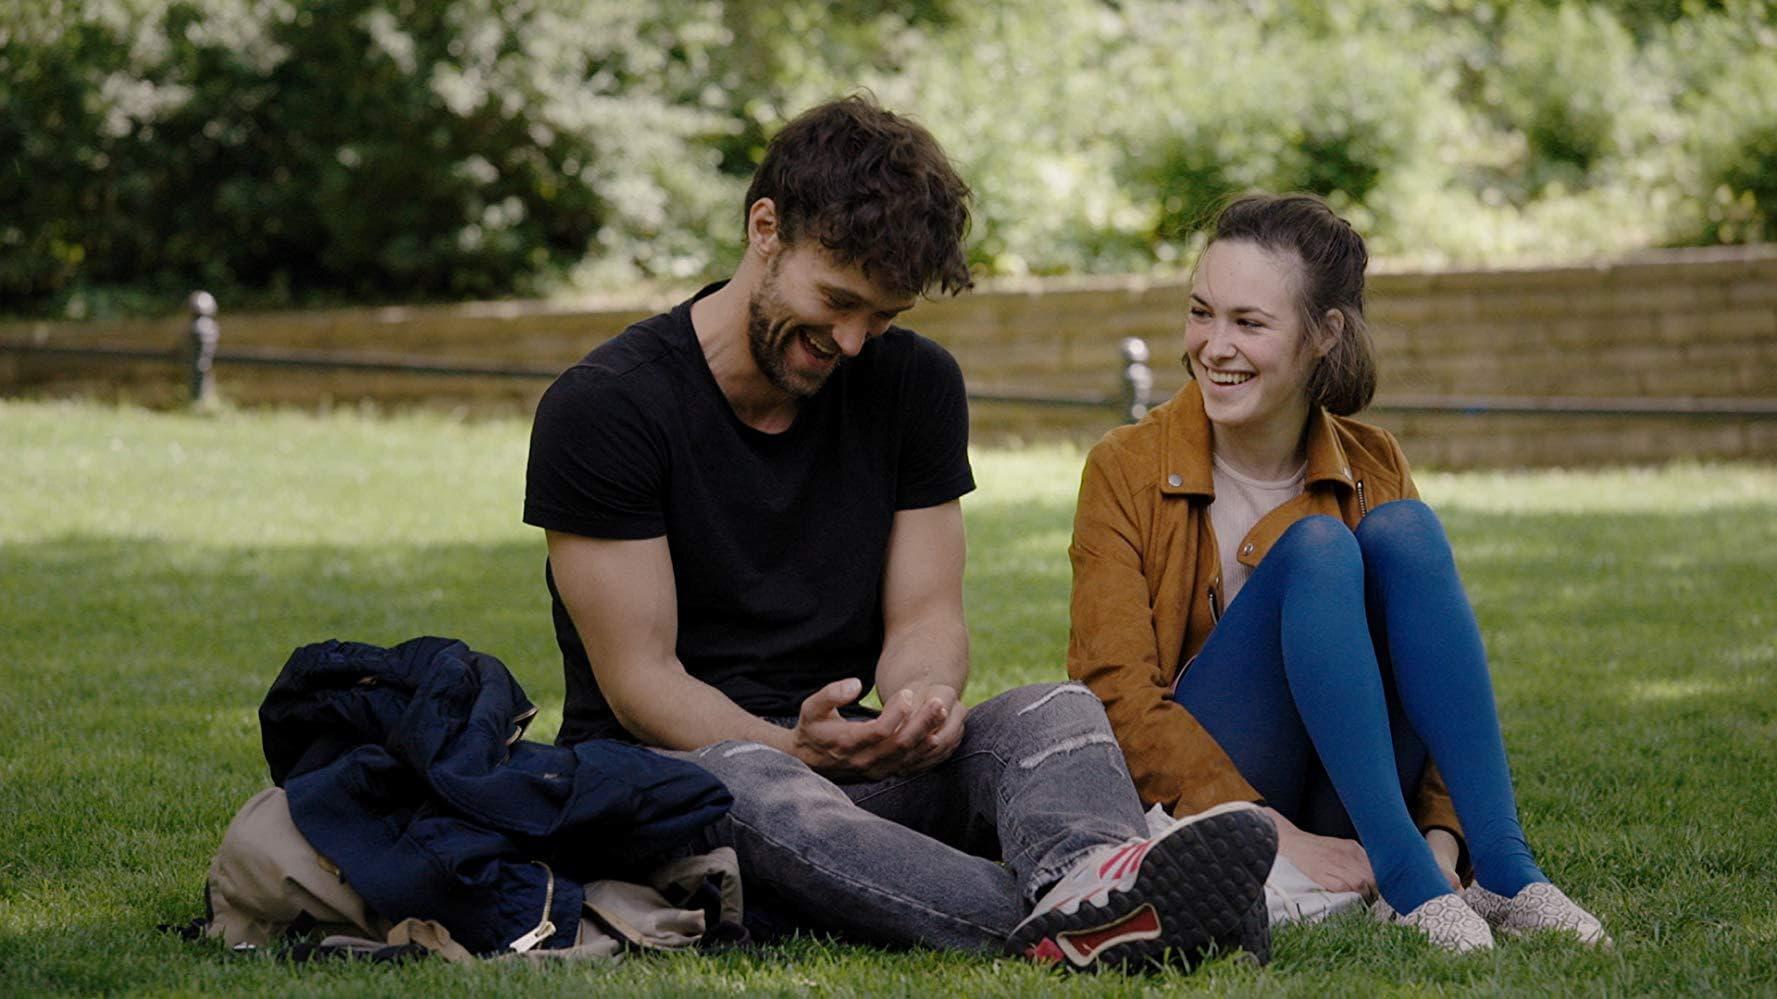 Festival 4 živly premietne aj nový nemecký film, nakrúcaný v Banskej Štiavnici 20. Letný filmový seminár 4 živly: HAPPY END!